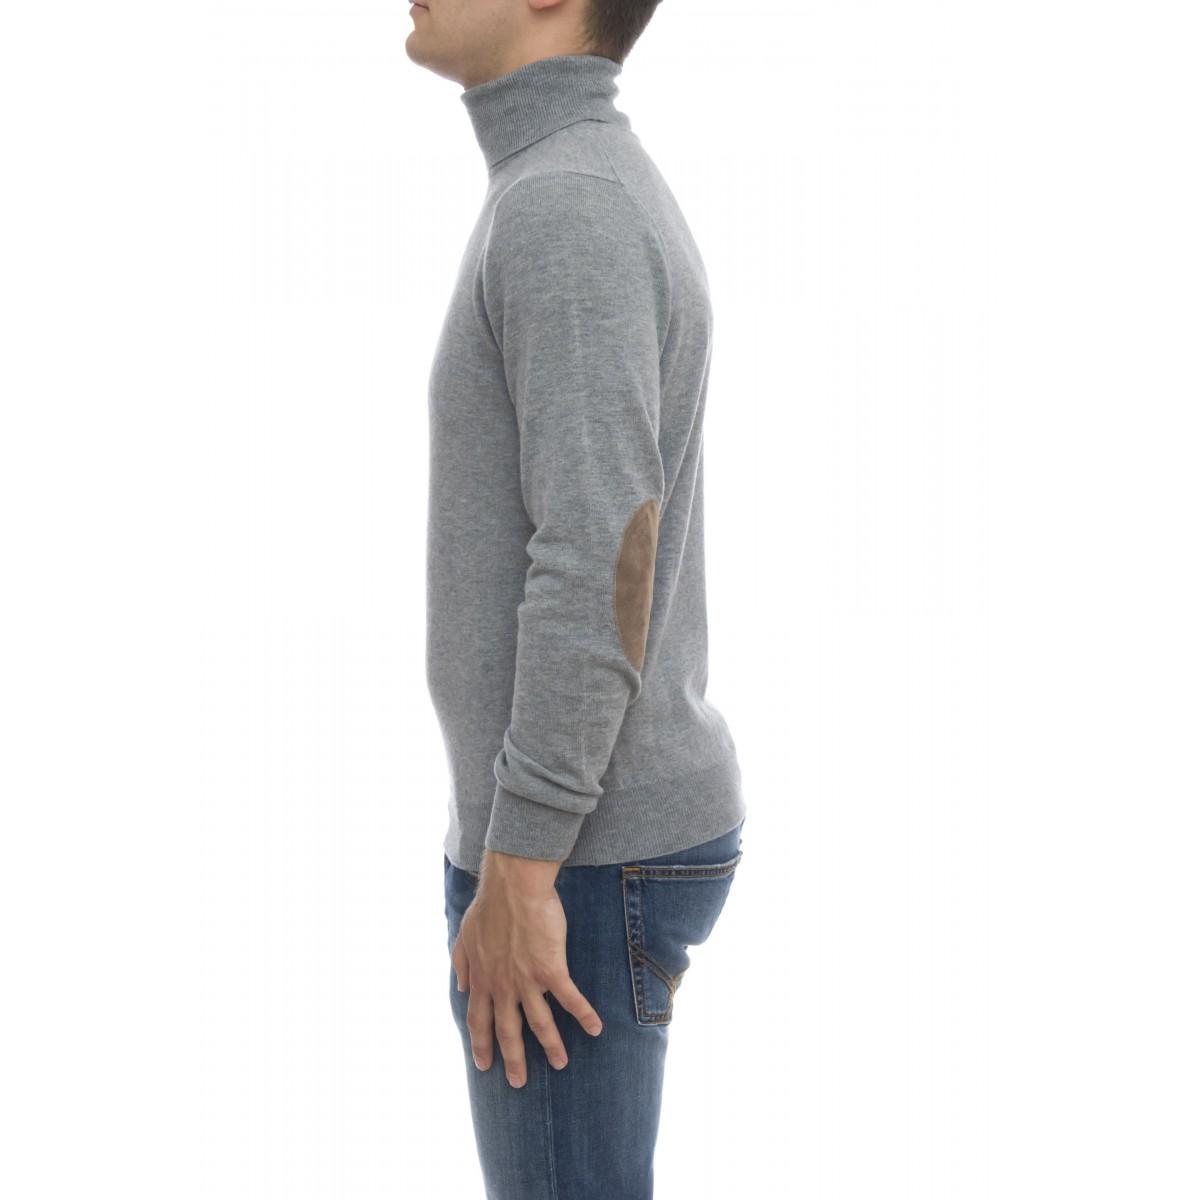 Maglia uomo - 8008/05 collo alto con toppa lacantara